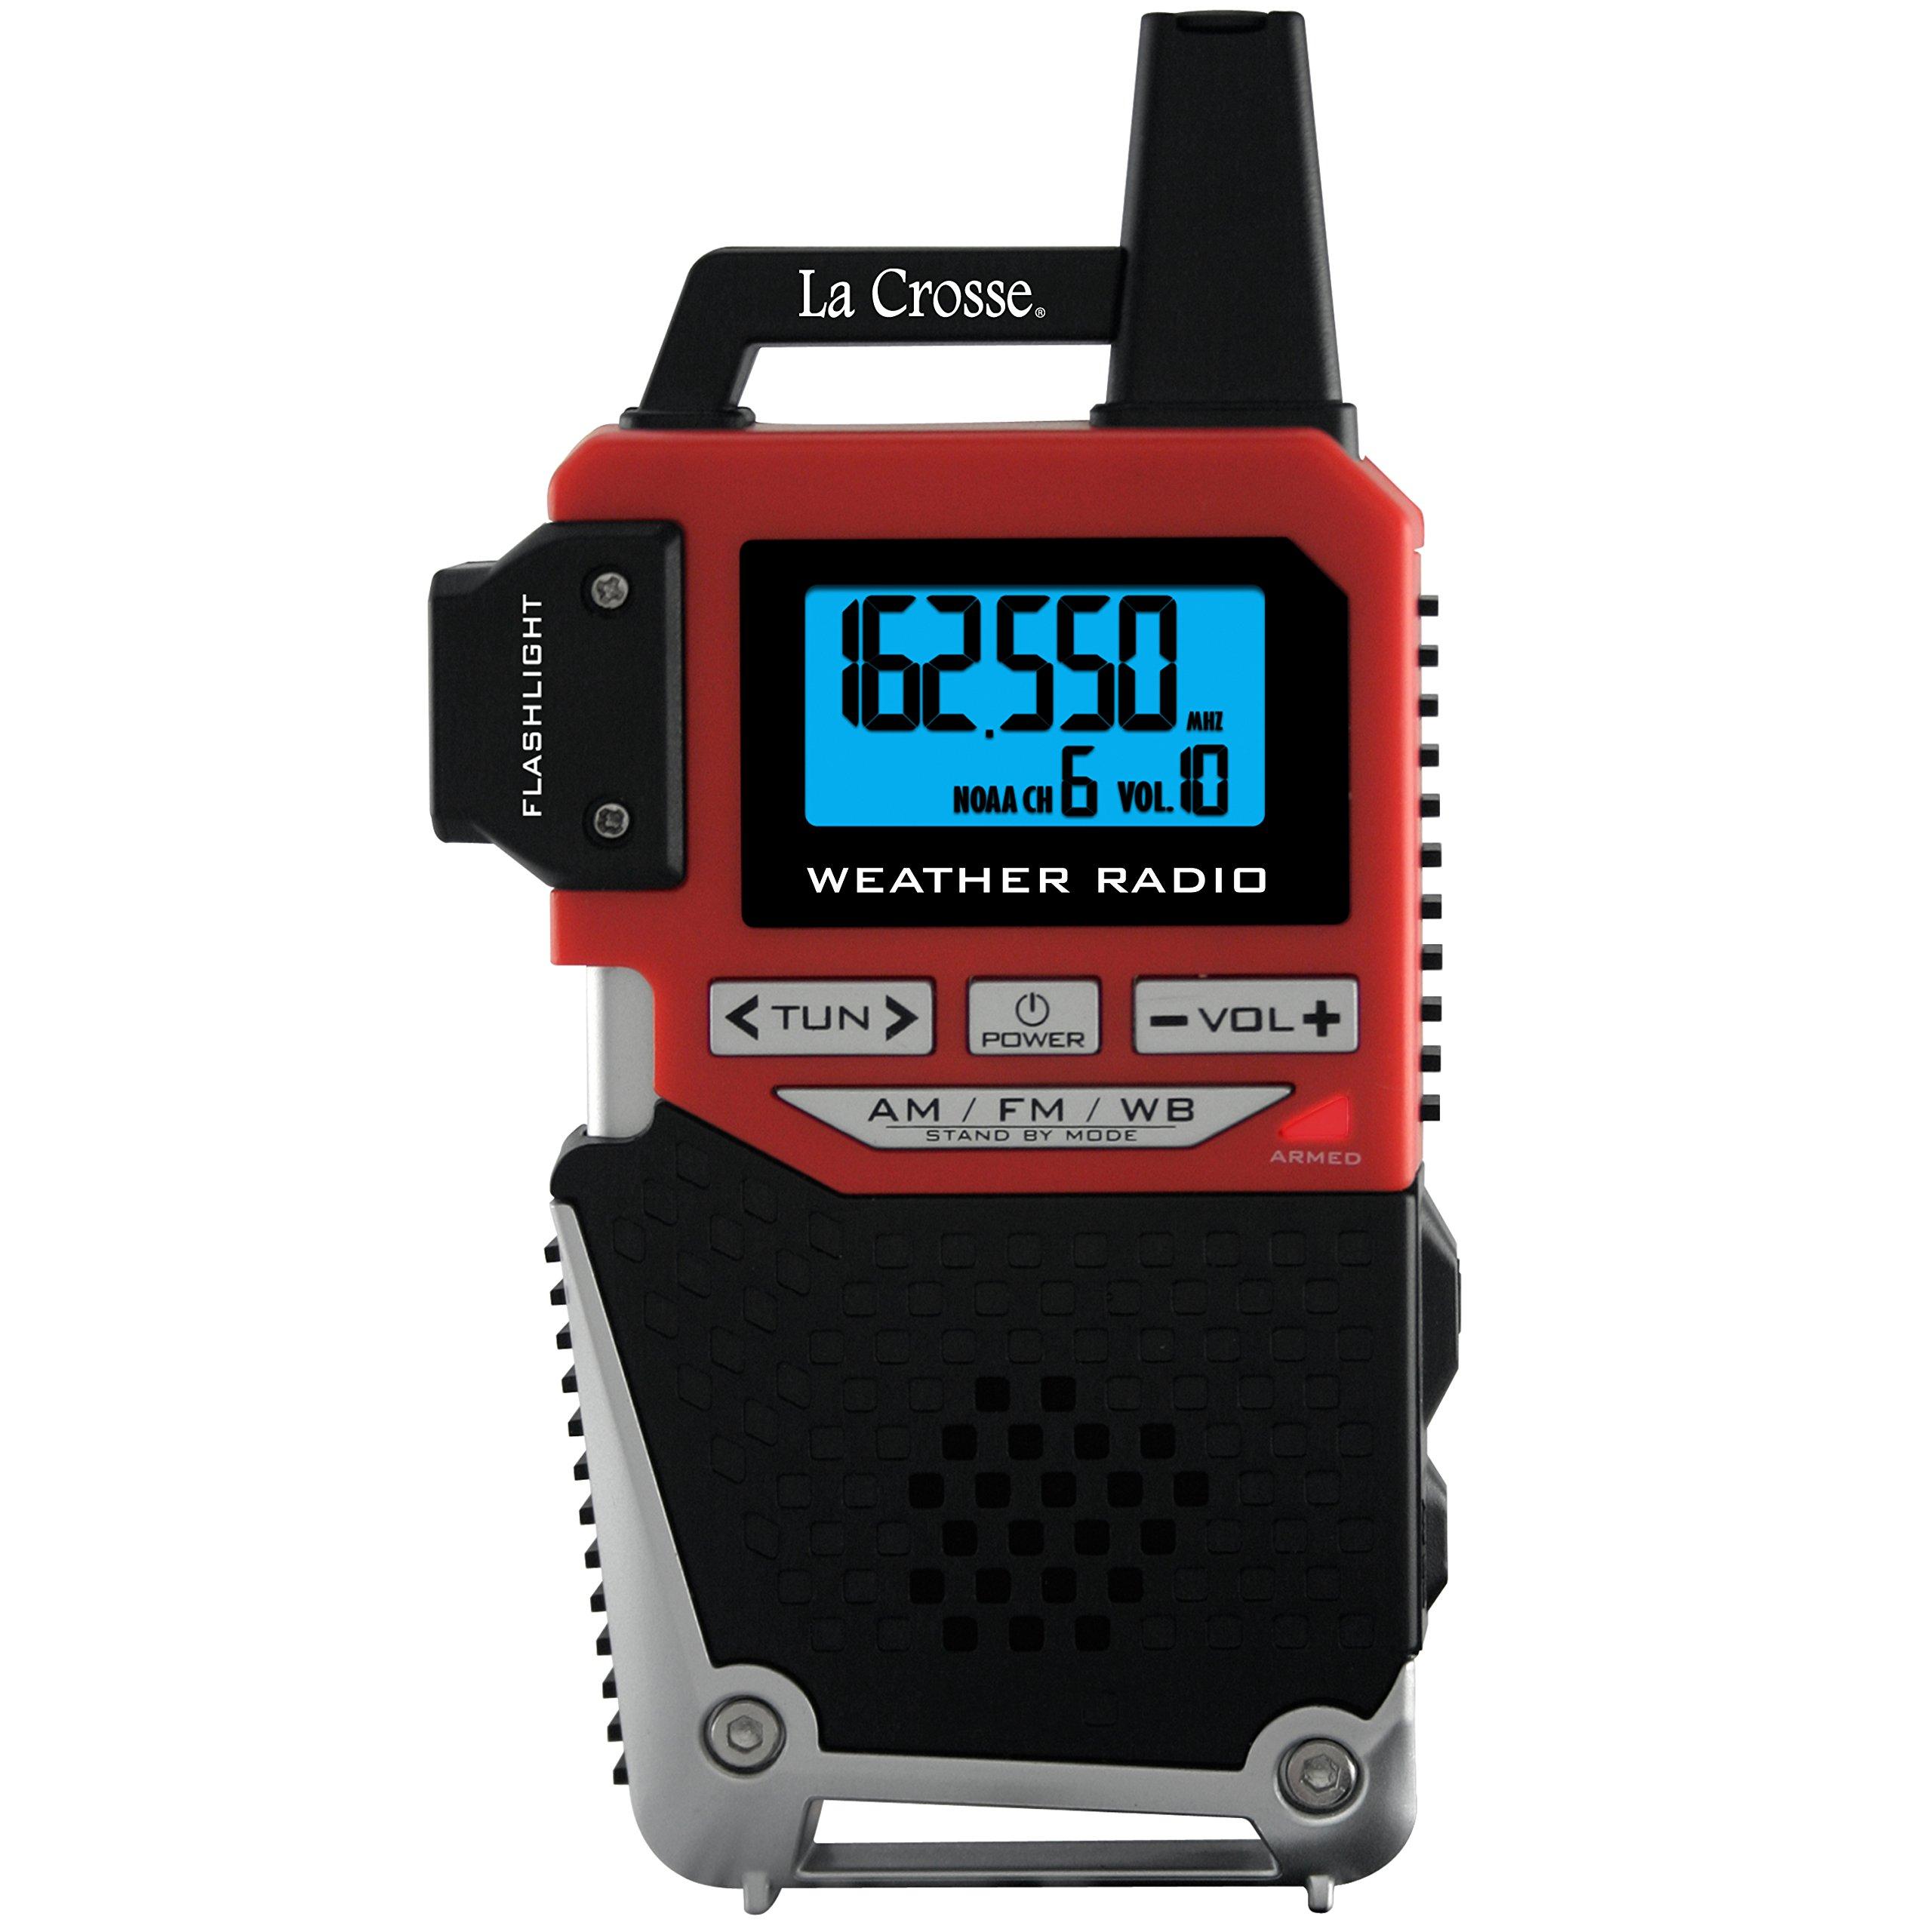 La Crosse Technology 810-1461 NOAA Weather Alert Handheld Radio with Flashlight